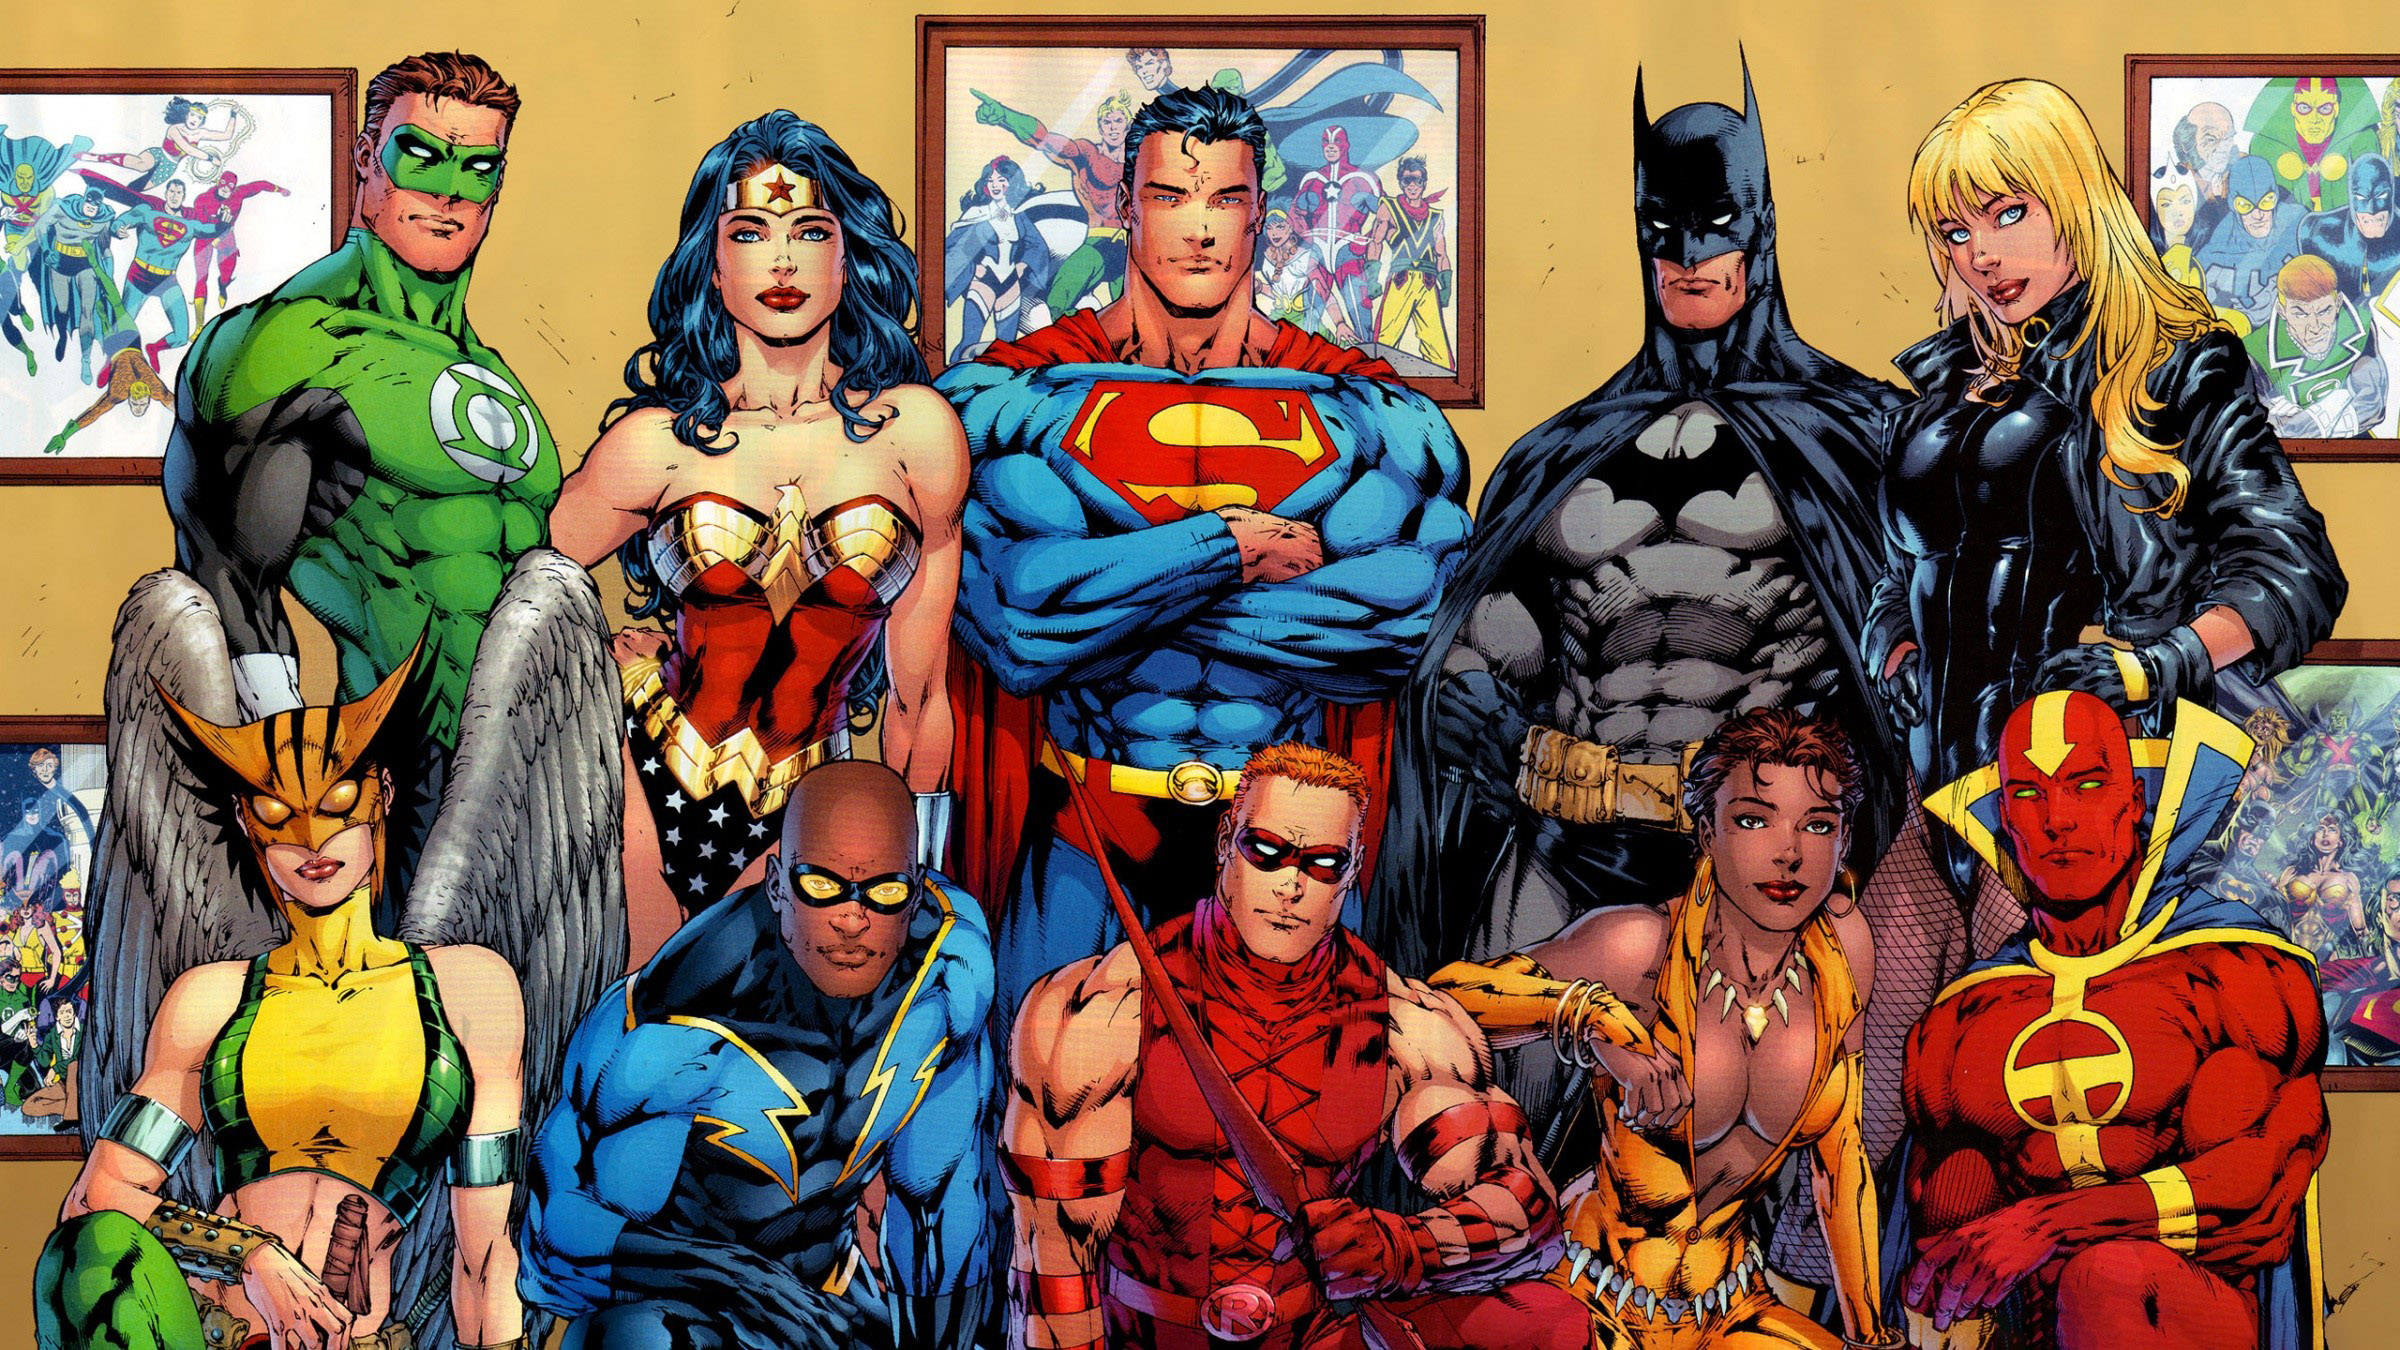 Wallpaper DC Comics superheroes